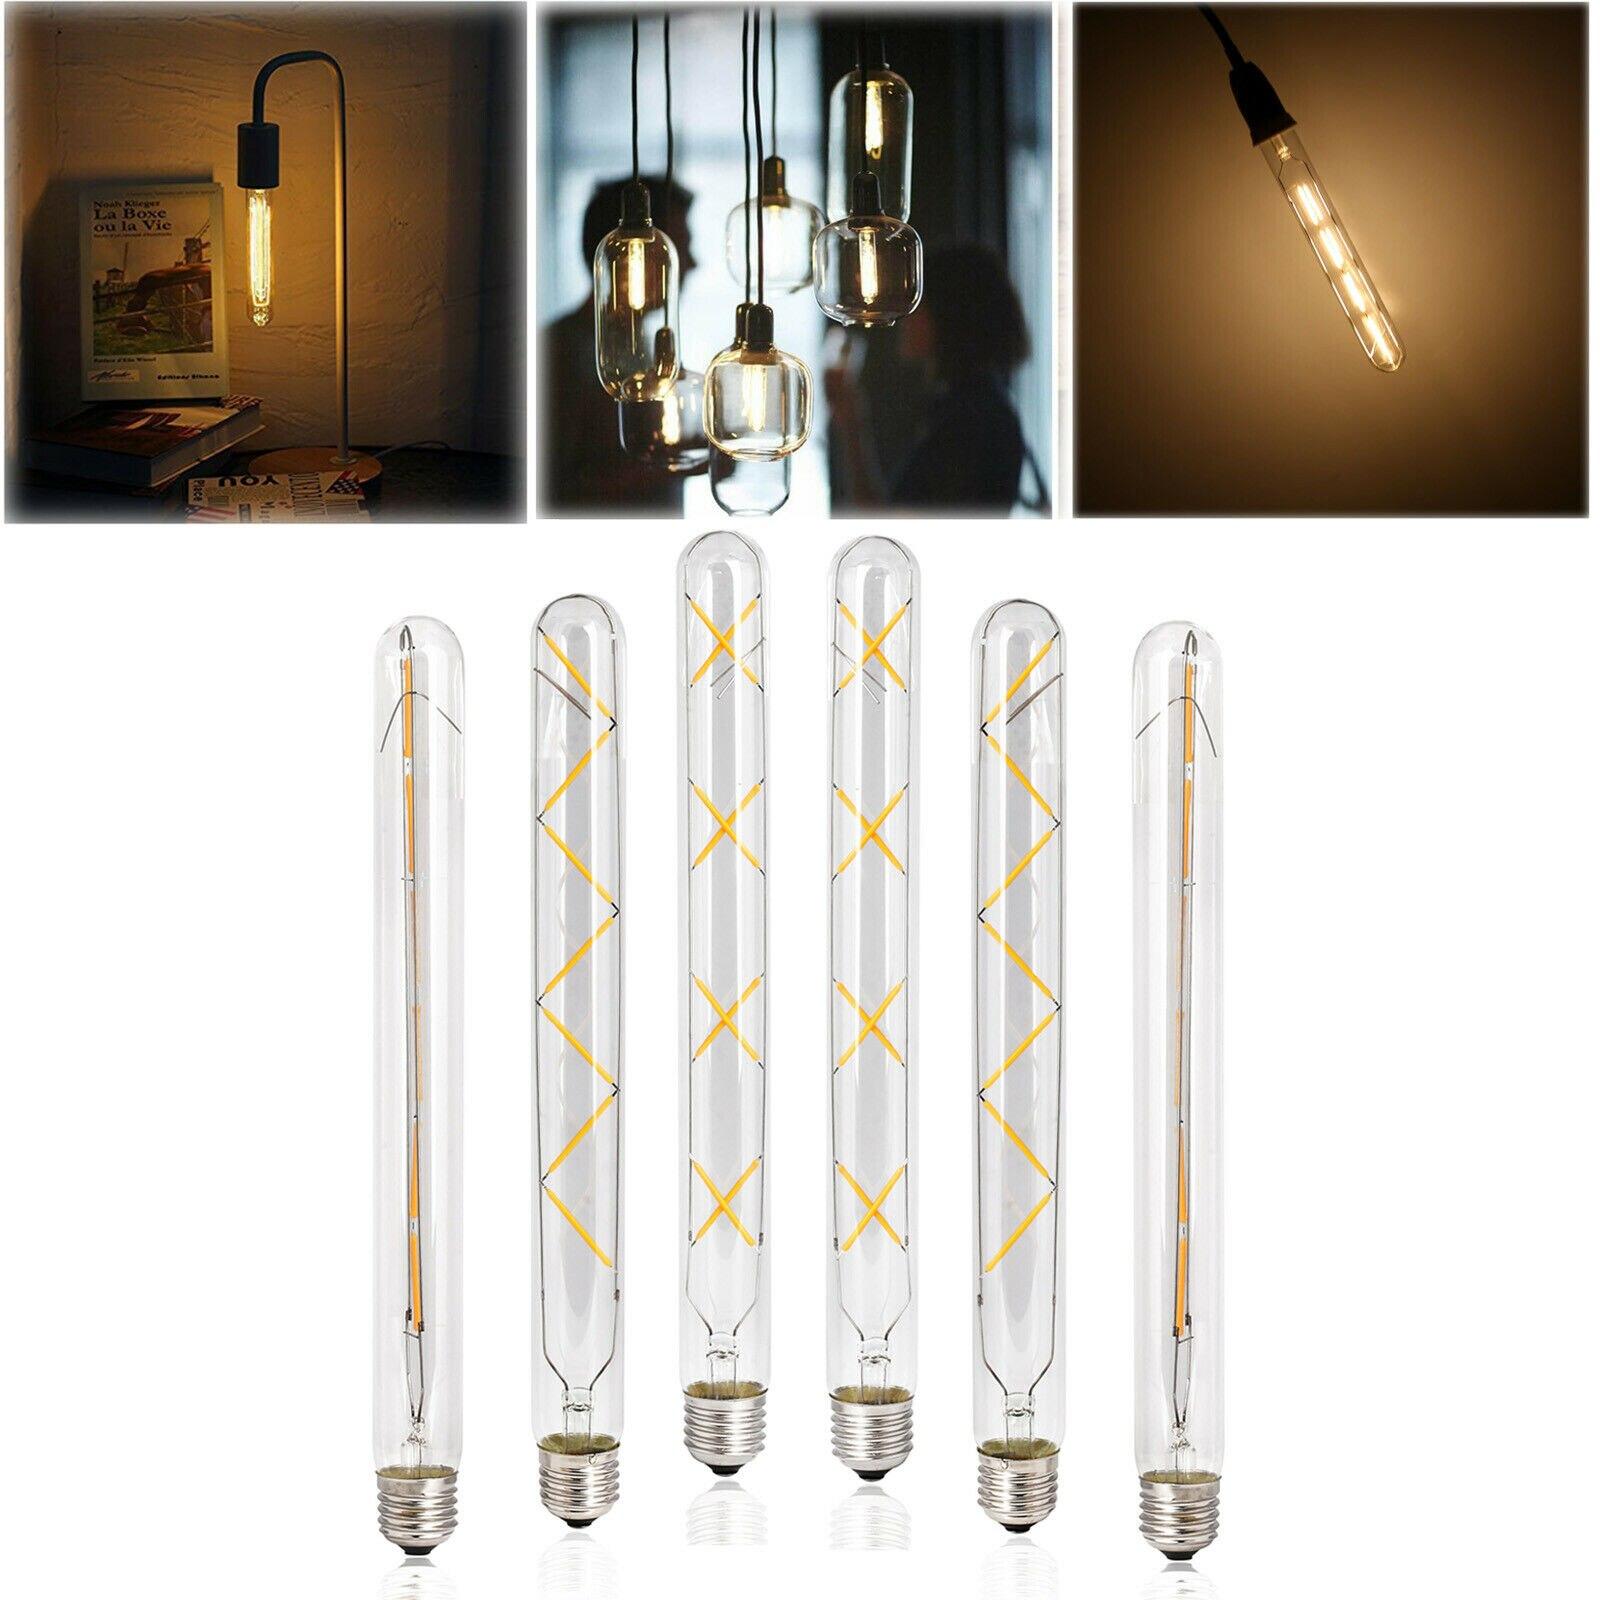 220 В светодиодный ро винтажная Светодиодная лампа накаливания Эдисона E27 T30 лампа теплого белого света декоративсветильник пы Эдисона